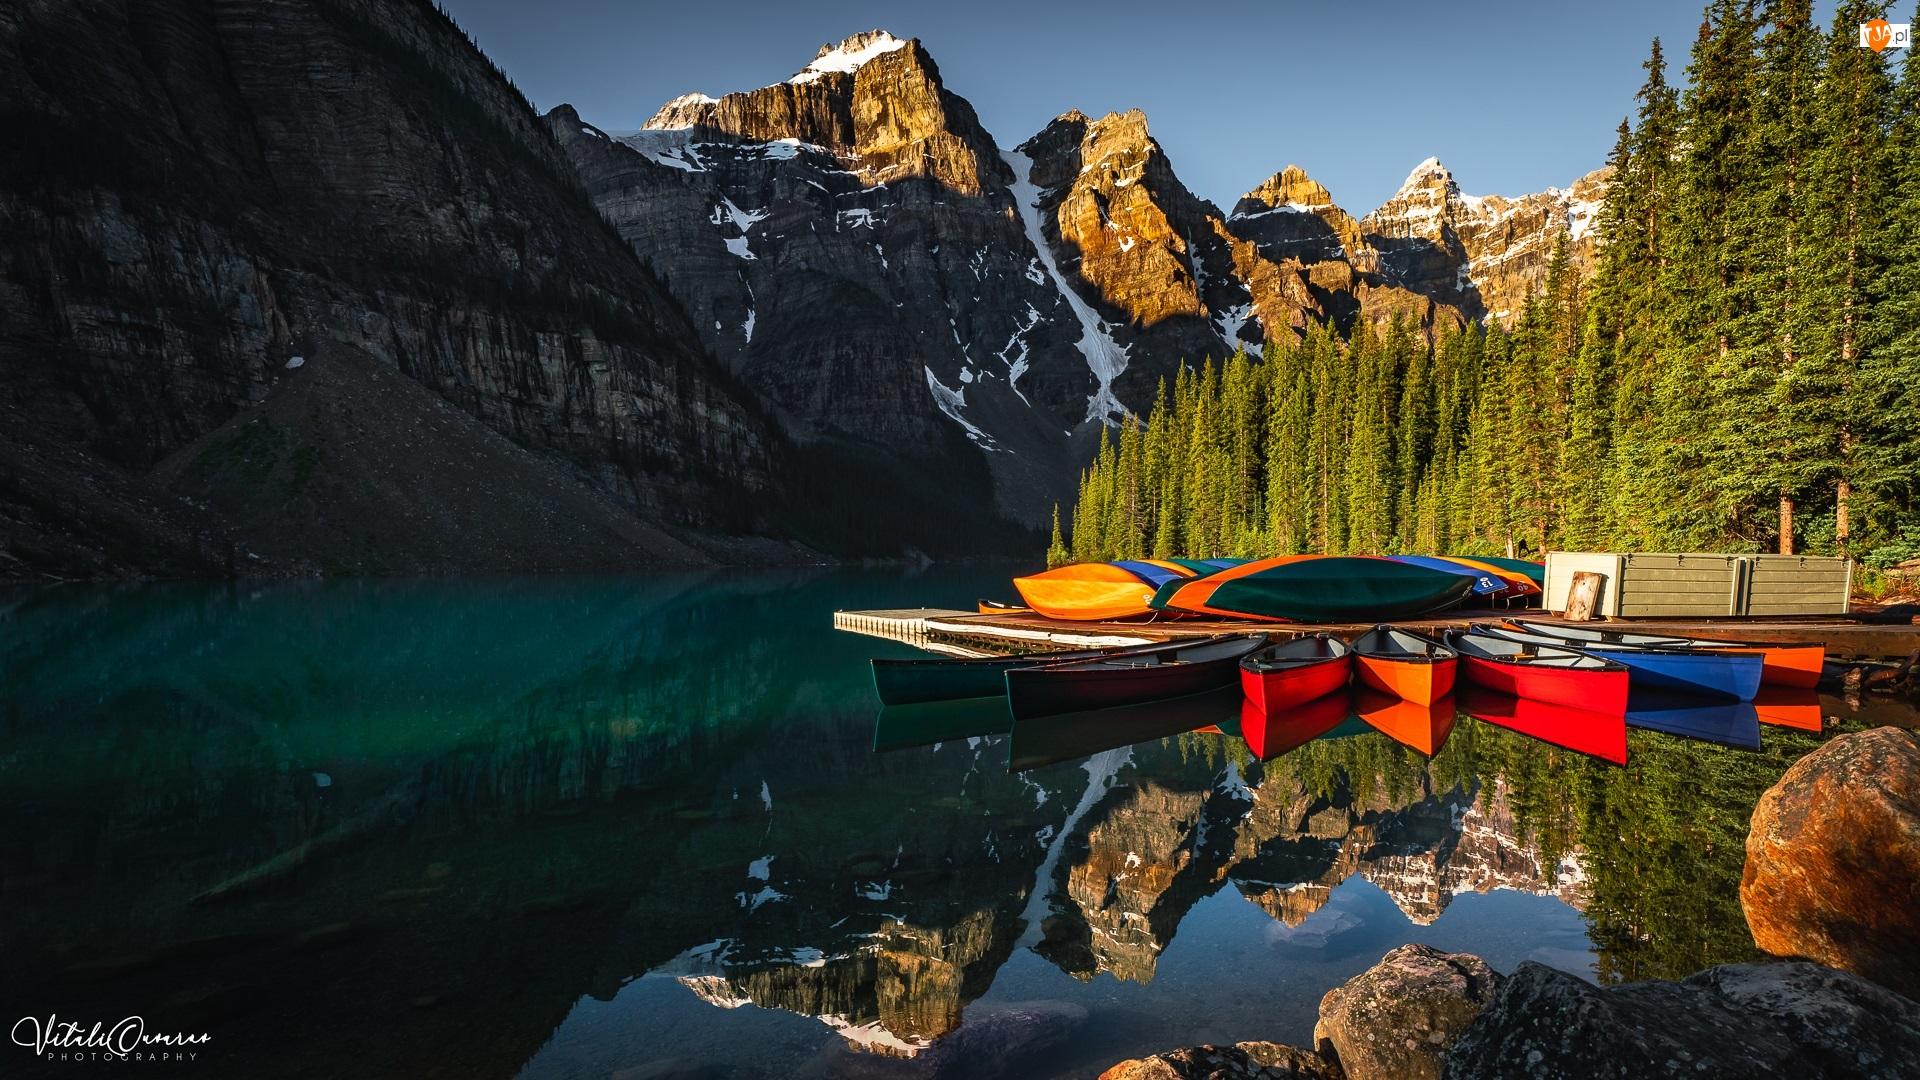 Kanada, Góry, Park Narodowy Banff, Drzewa, Moraine Lake, Jezioro, Kajaki, Pomost, Las, Prowincja Alberta